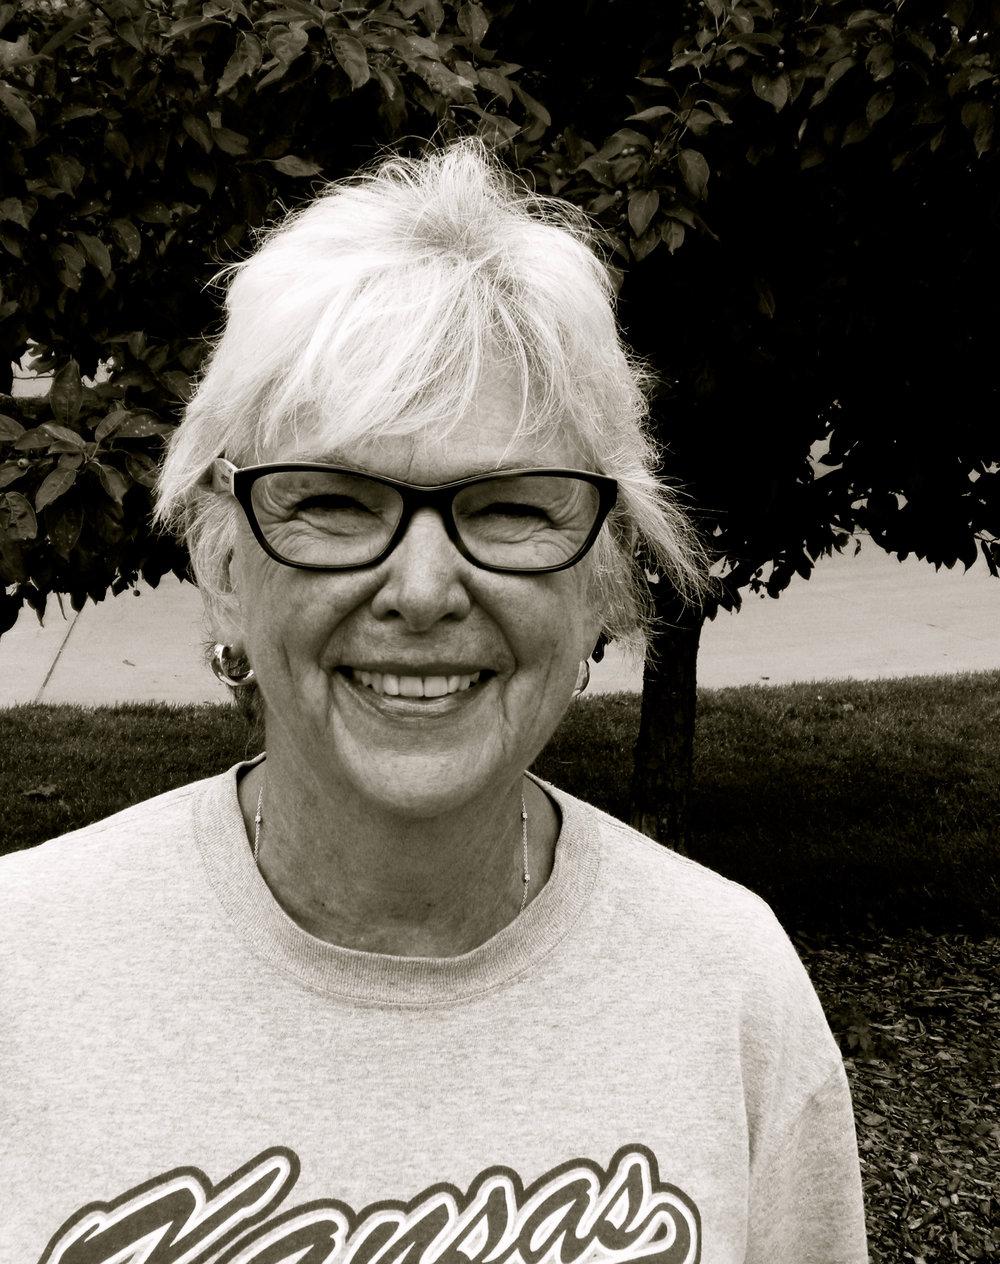 Joelle ford - Kansas.jpg